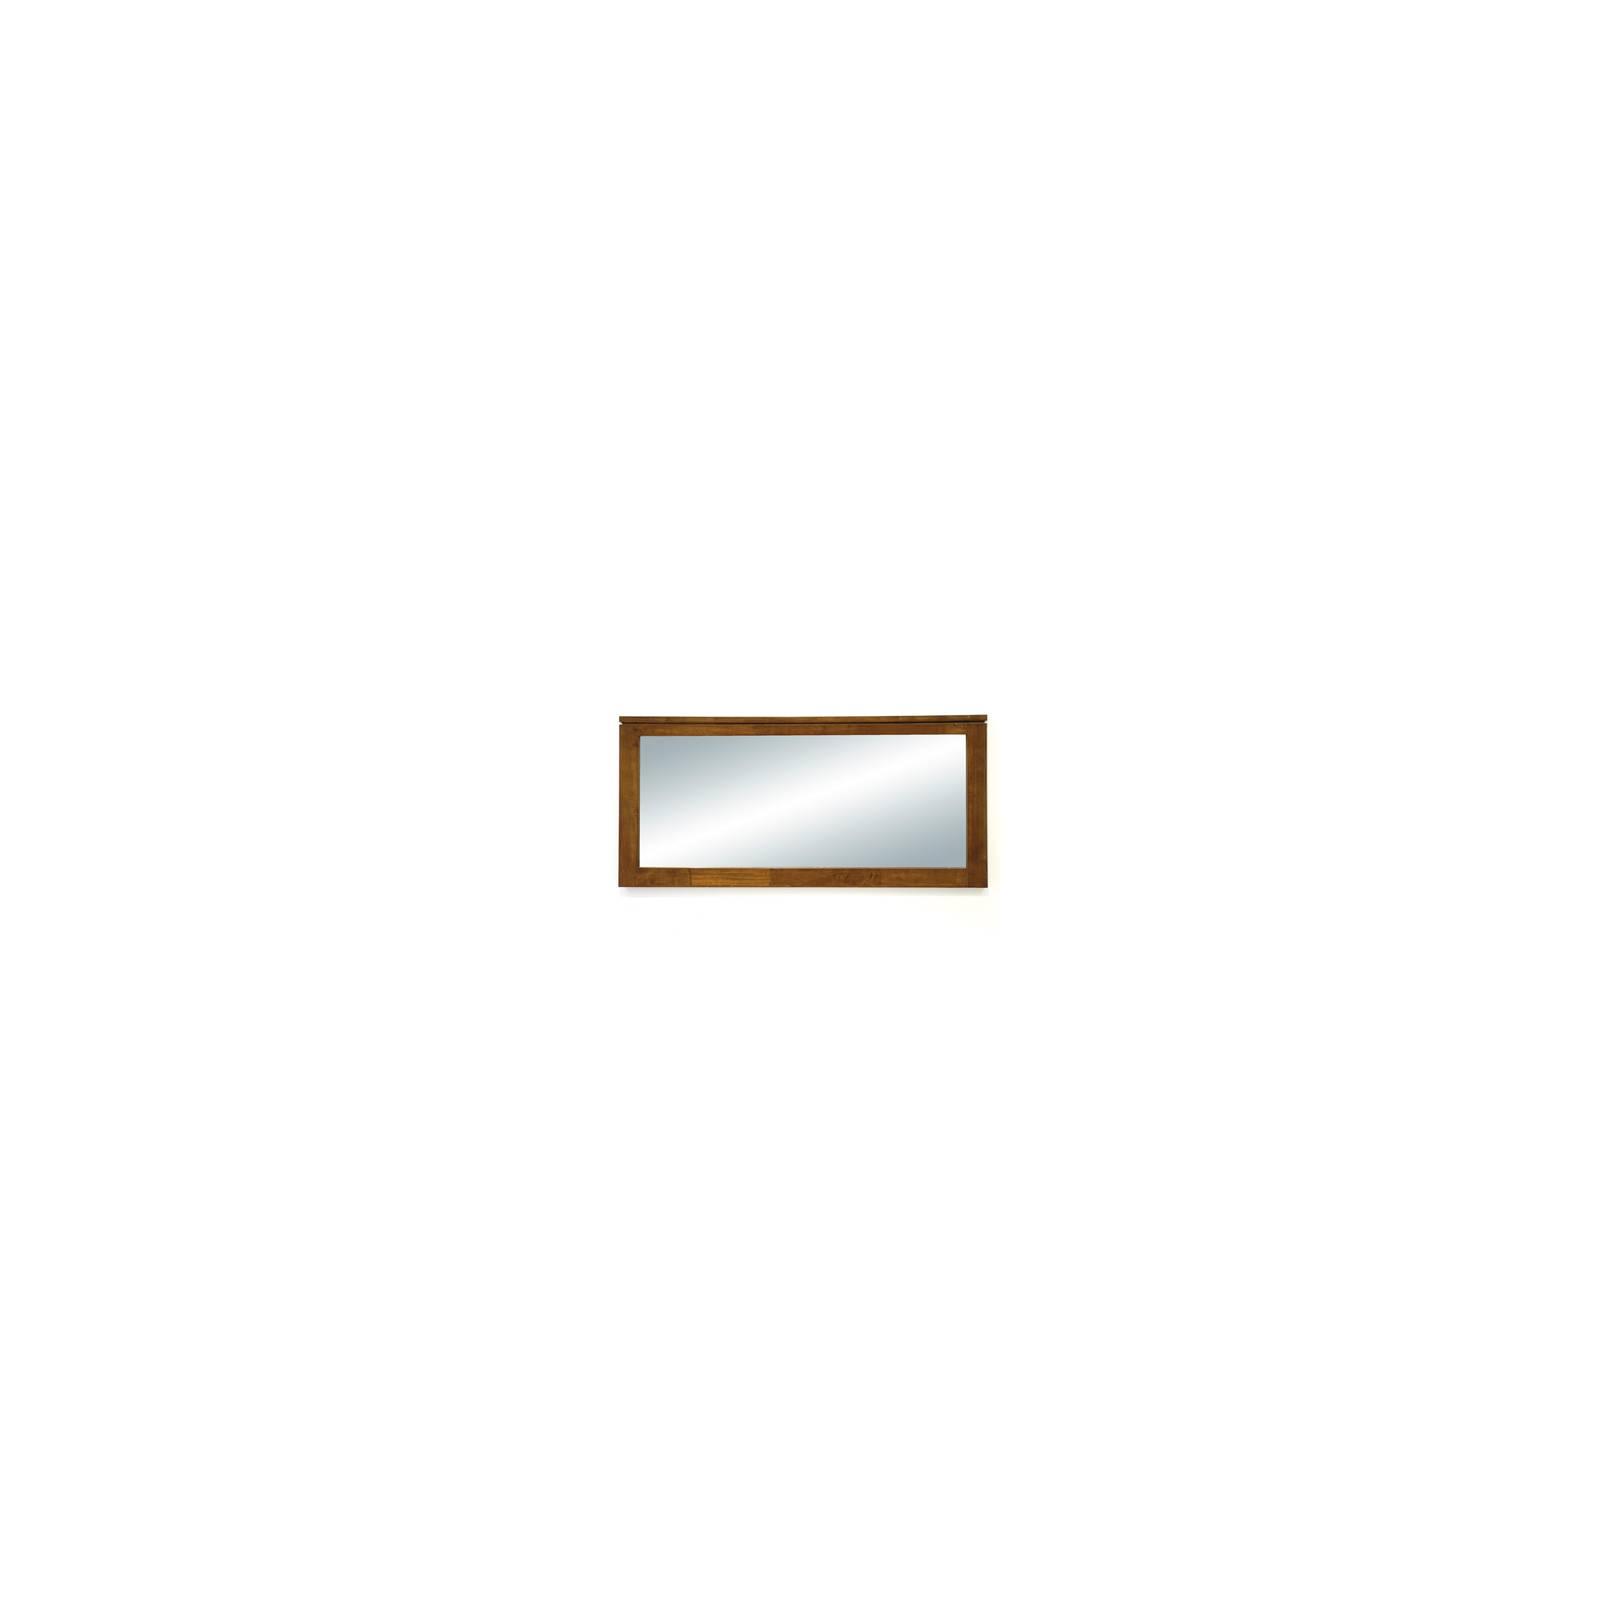 Miroir Omega Hévéa - meuble style design